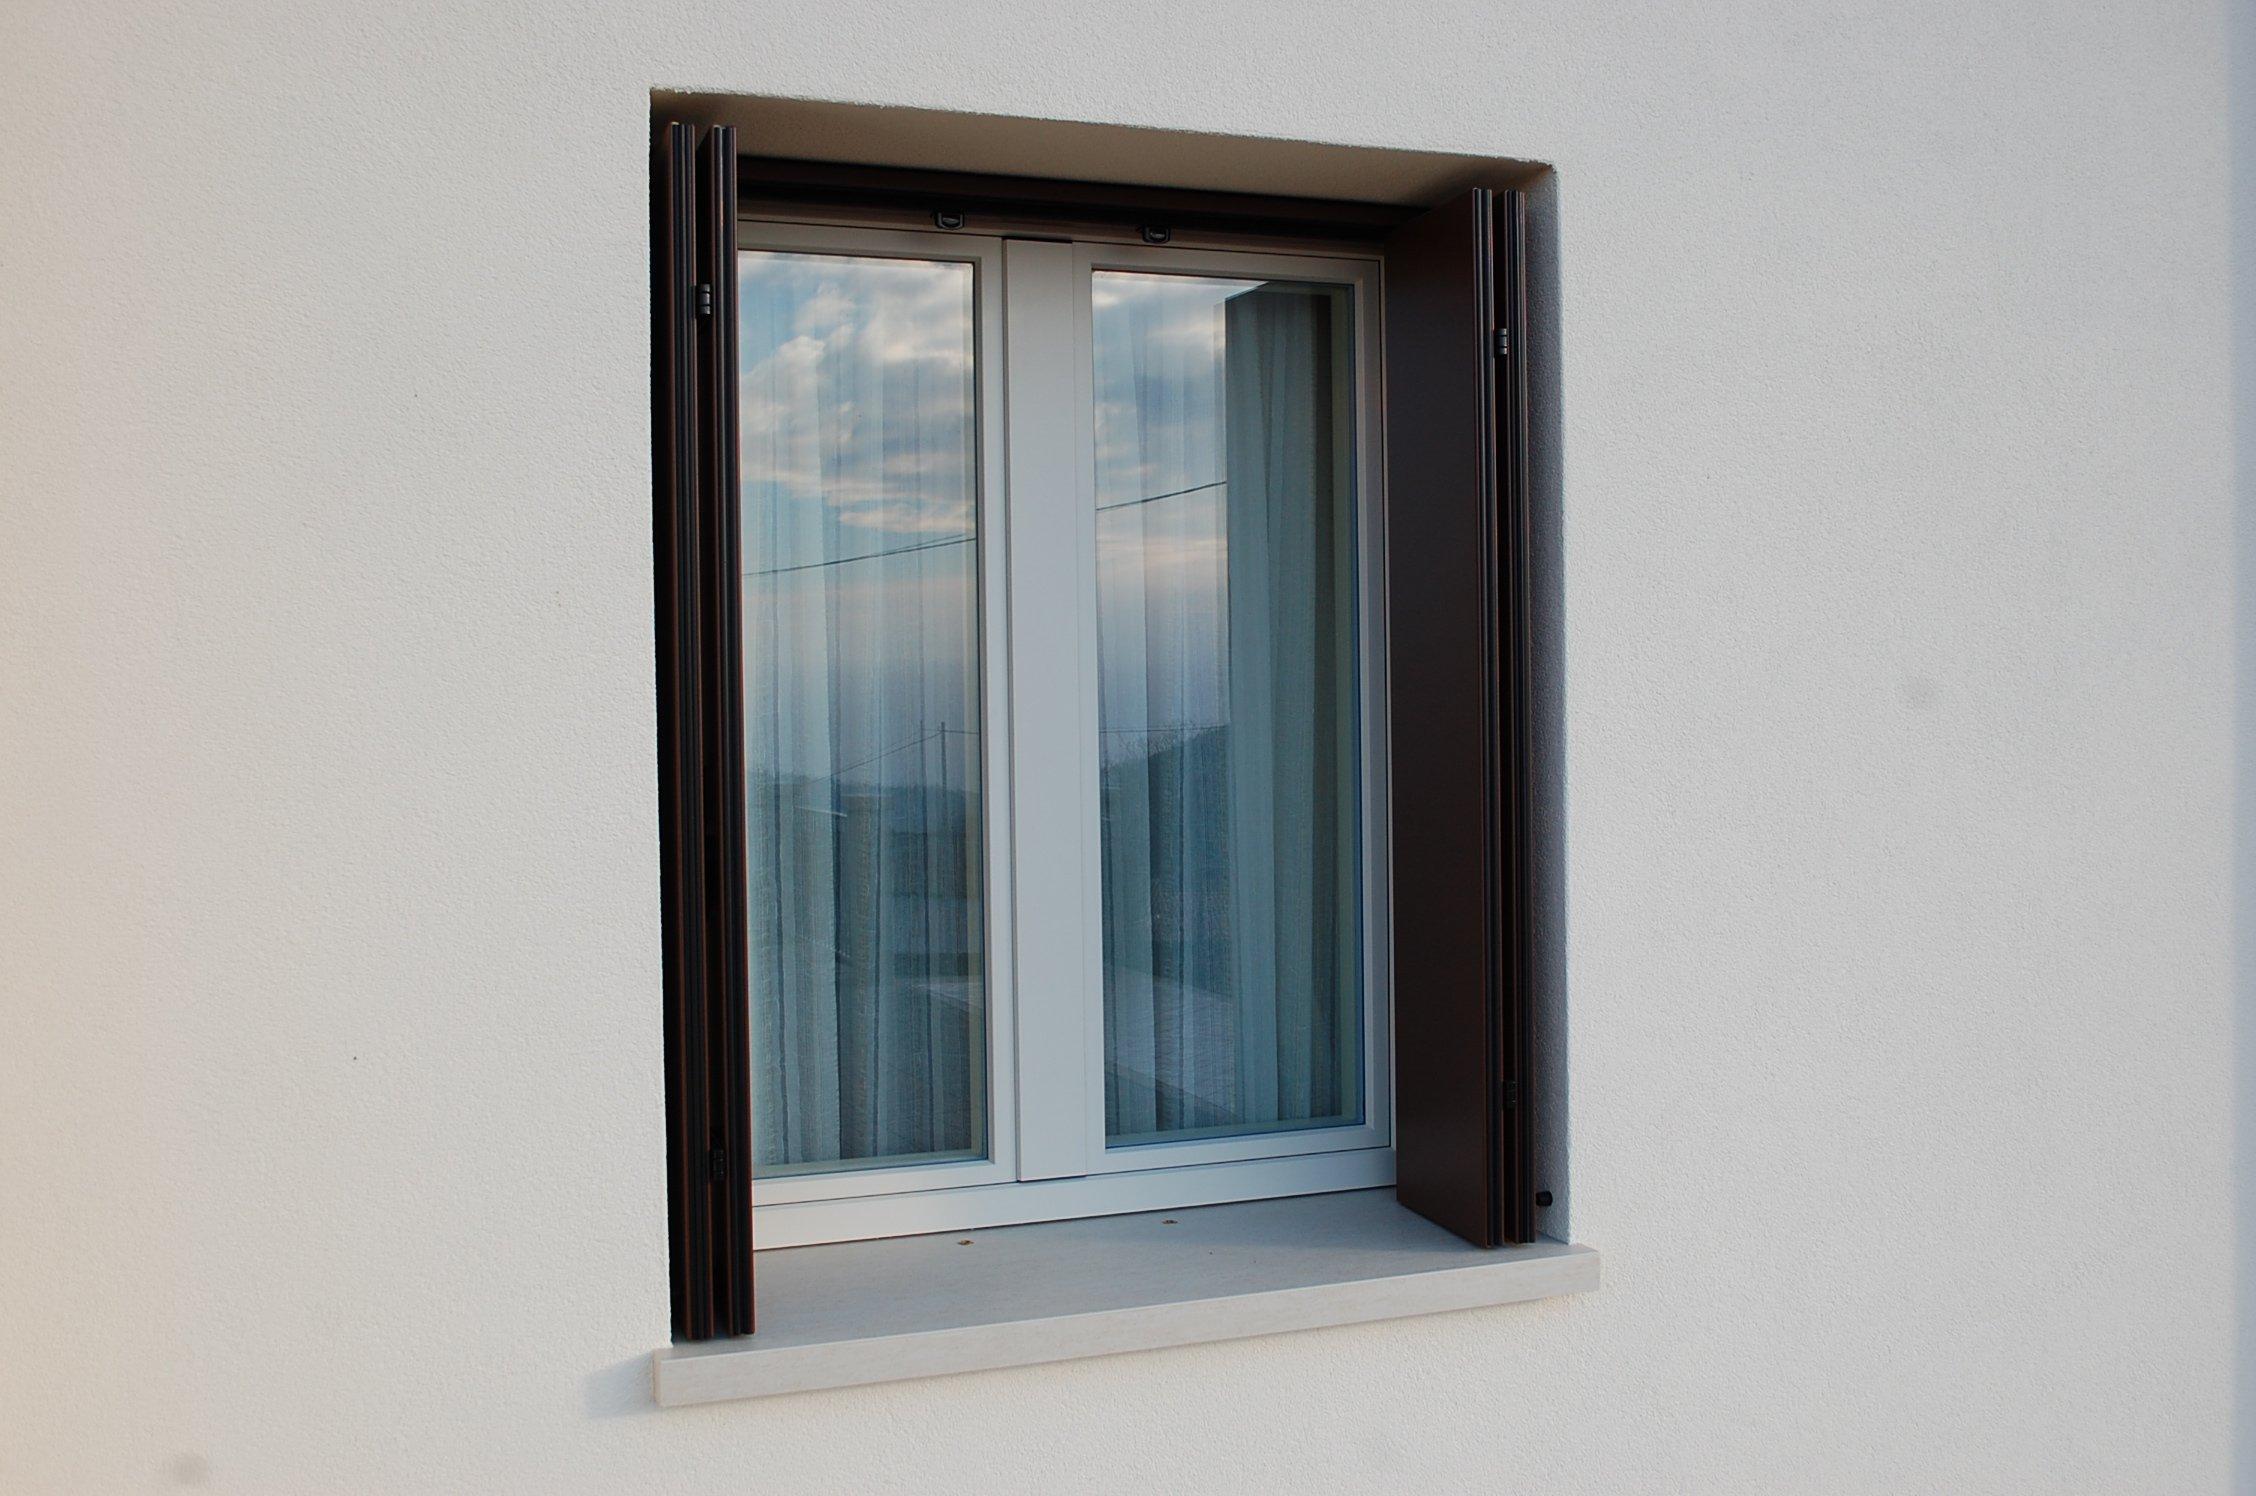 Davanzale coibentato falegnameria cortese - Condensa su finestre in alluminio ...